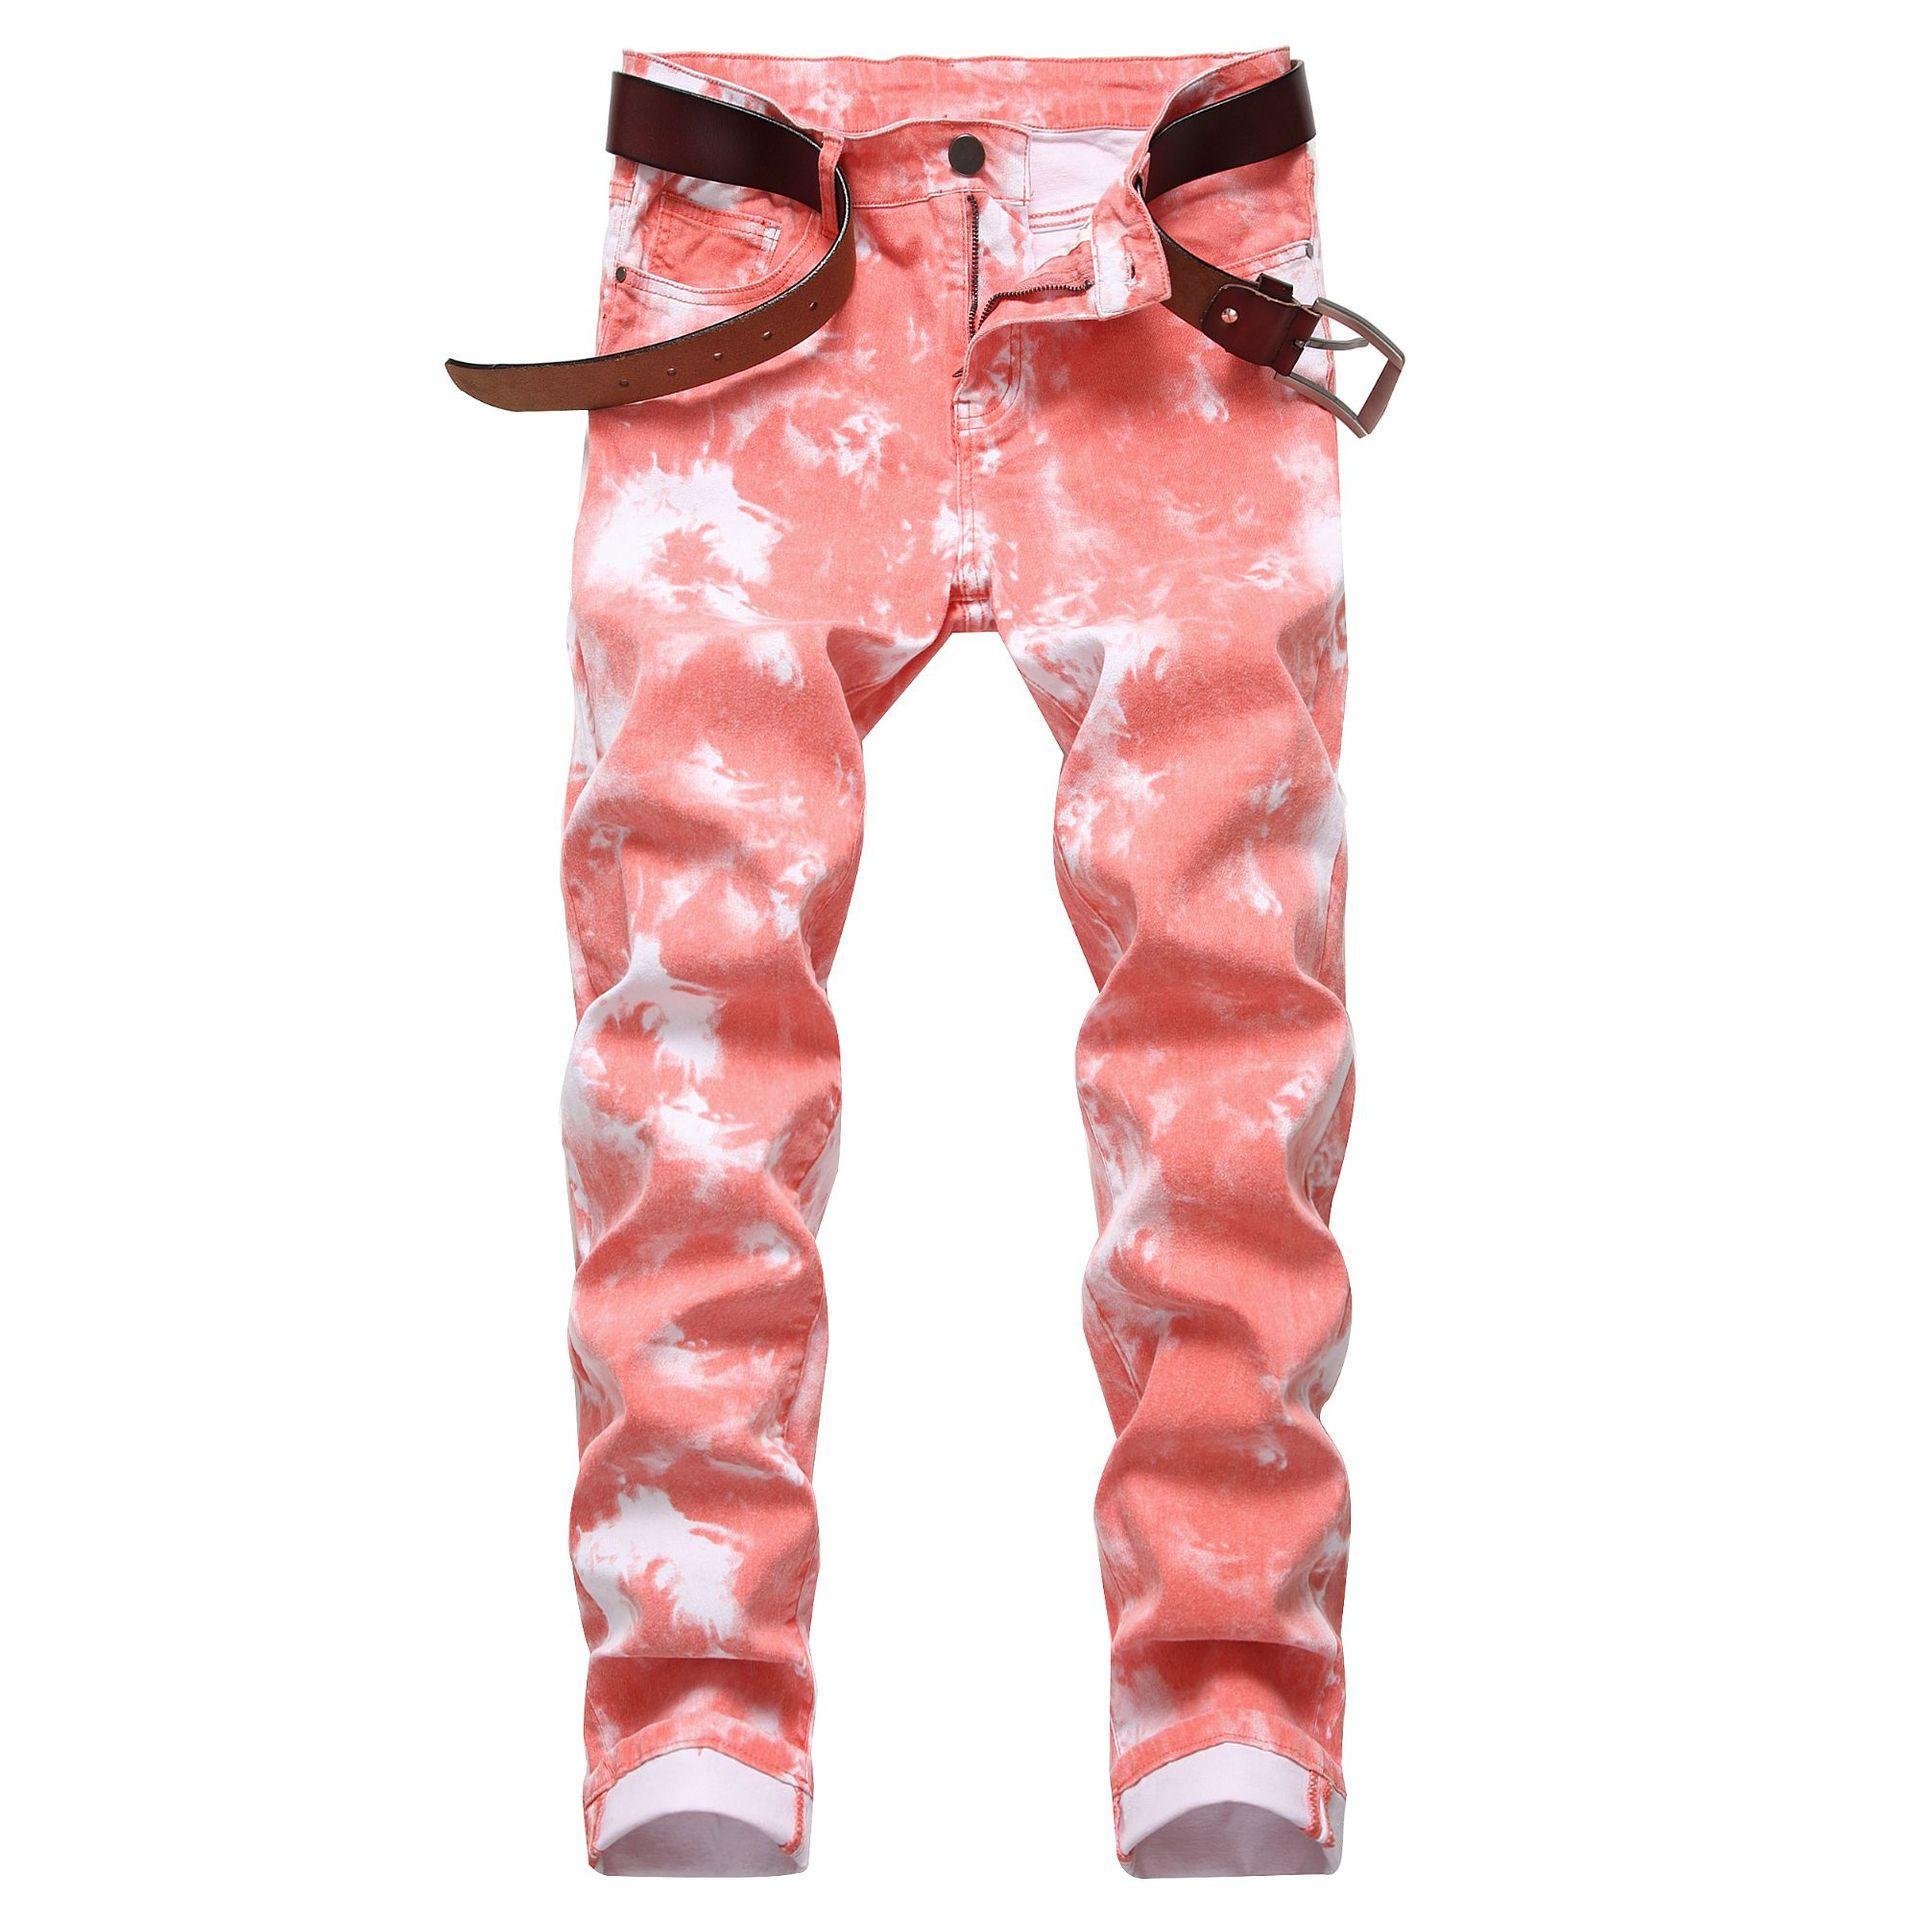 2020 Men Colored Jeans Mens Skinny Elastic Slim Straight Biker Jeans Male Denim Casual Cotton Pants Vaqueros Hombre Plus Size 42